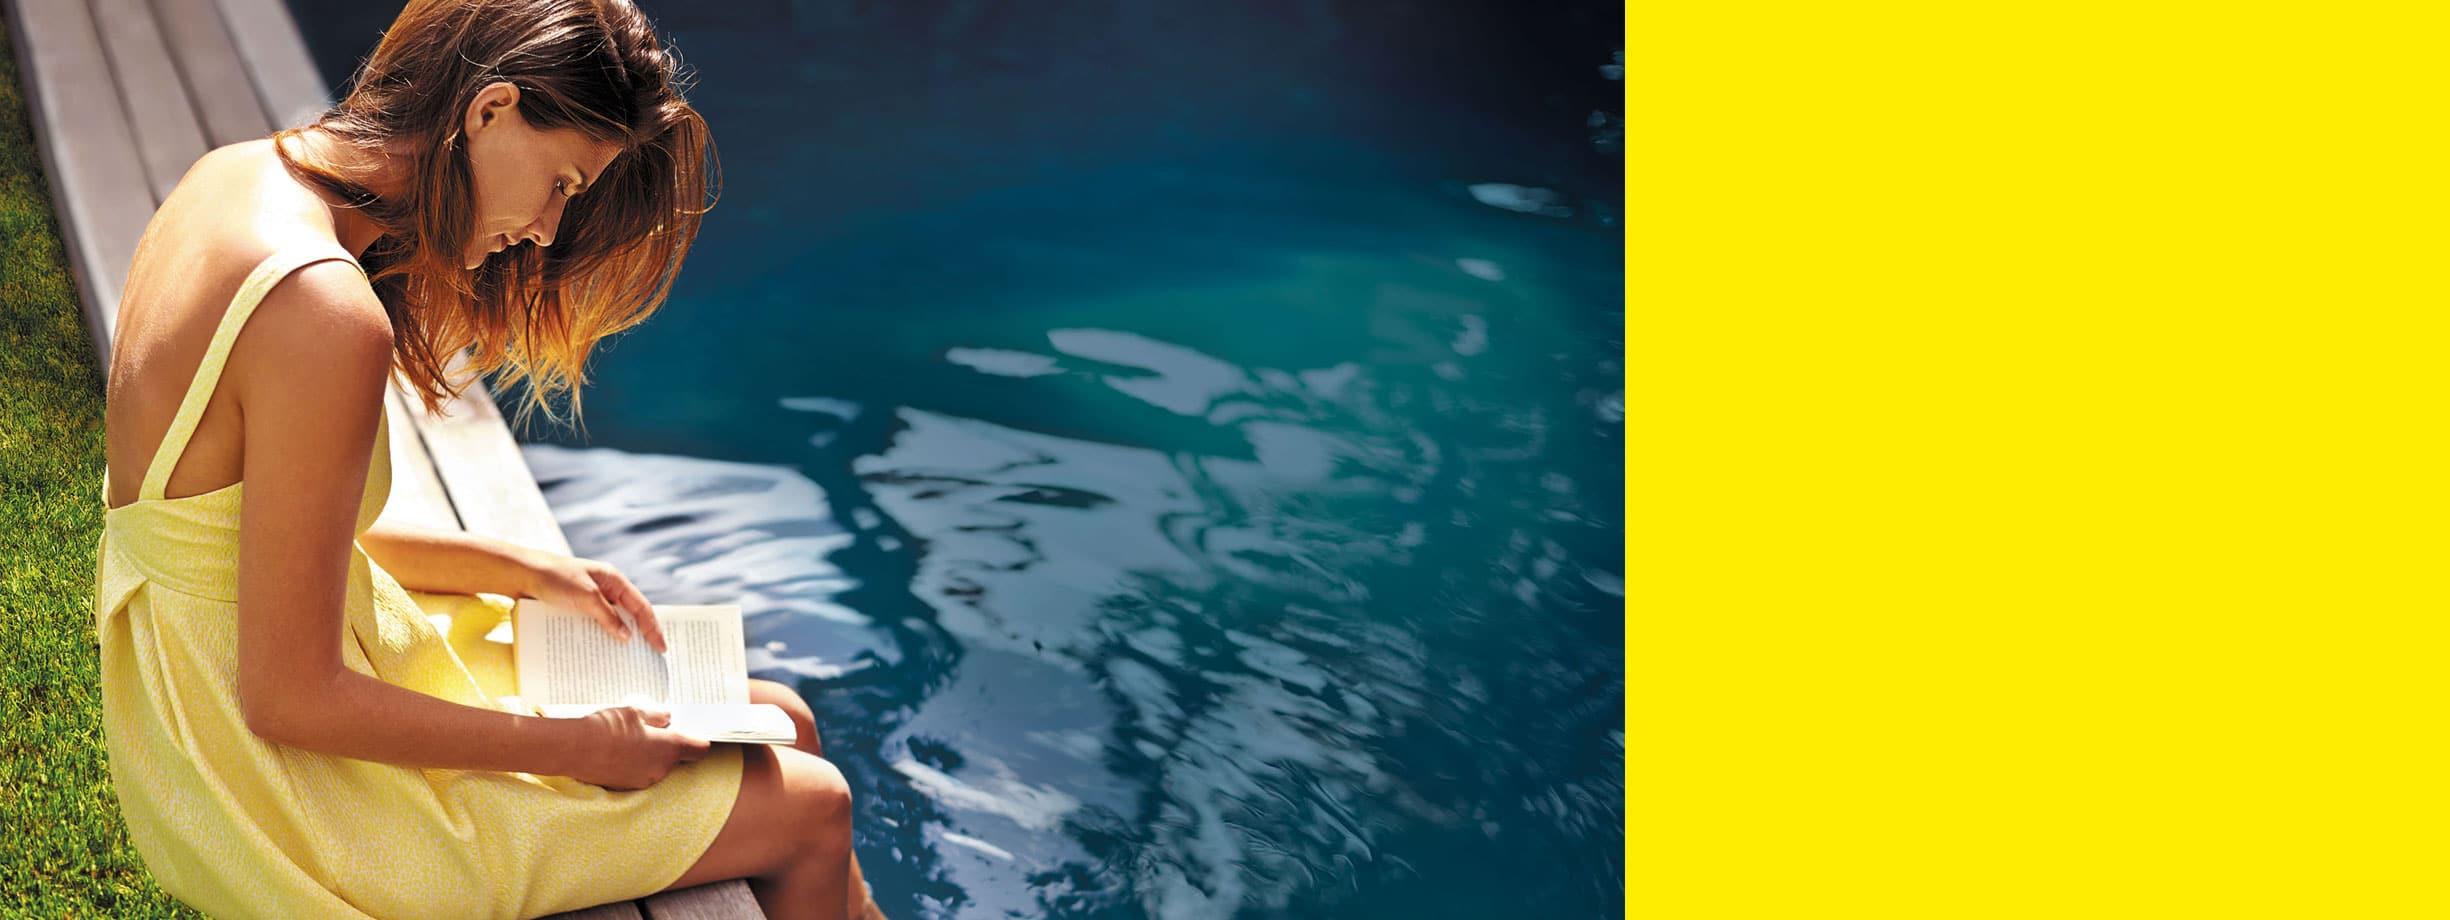 equipez-votre-bassin-bandeau-promo Points de vente